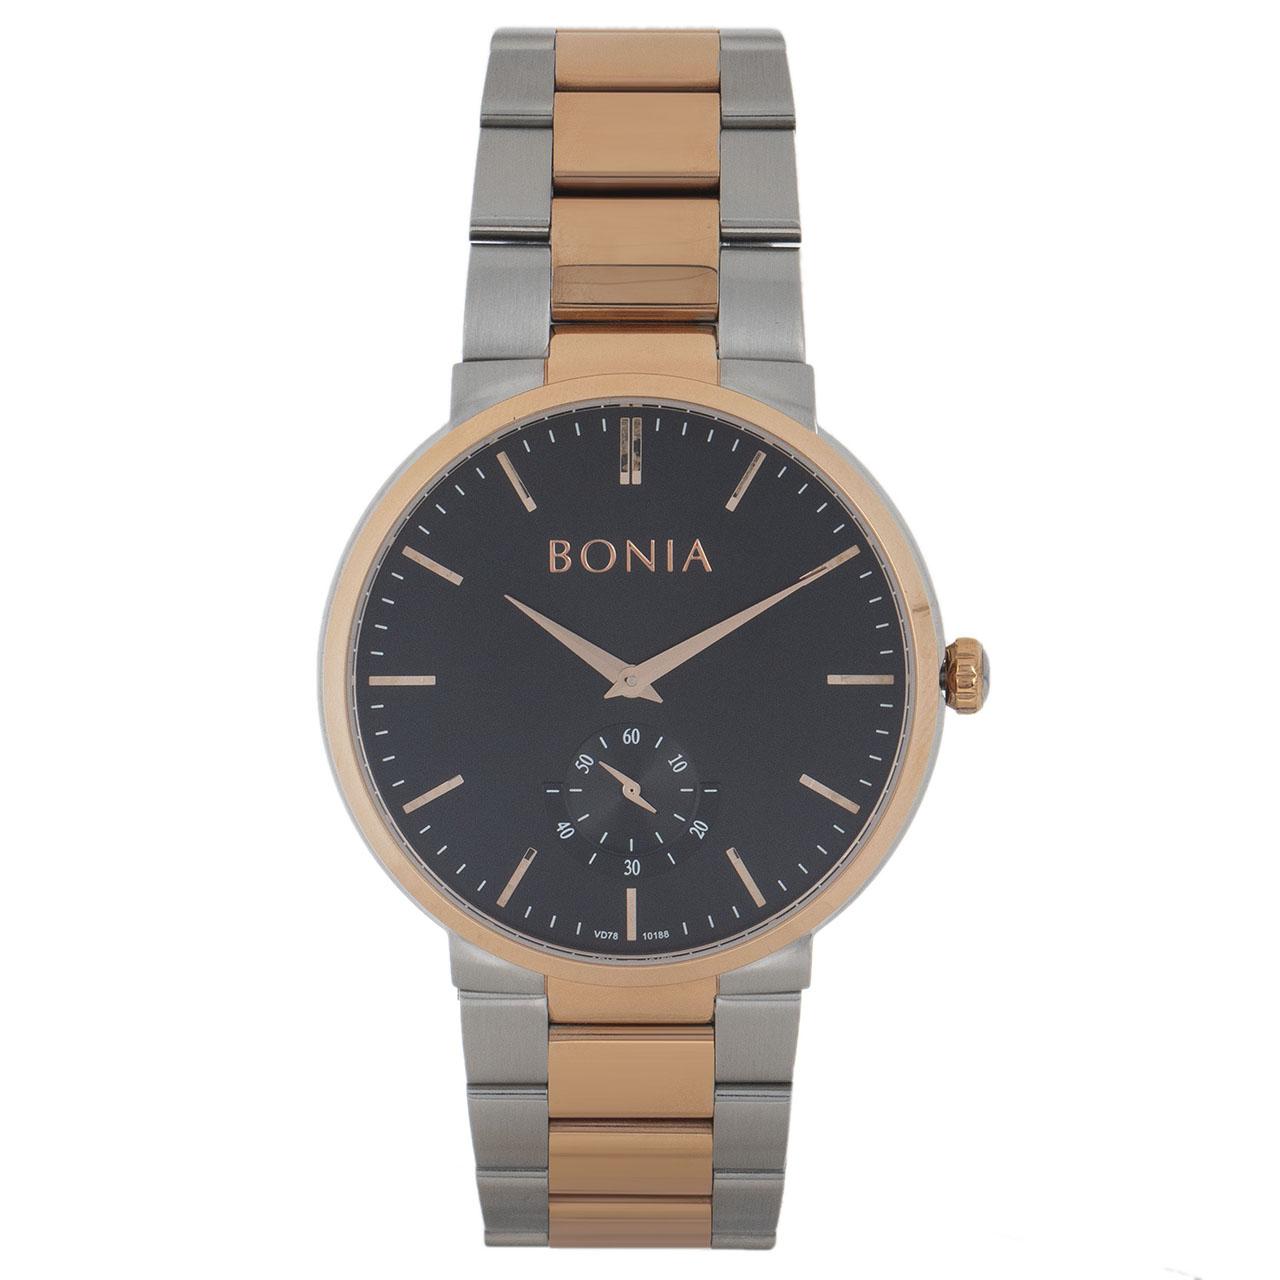 ساعت مچی عقربه ای مردانه بونیا مدل BNB10188-1632S